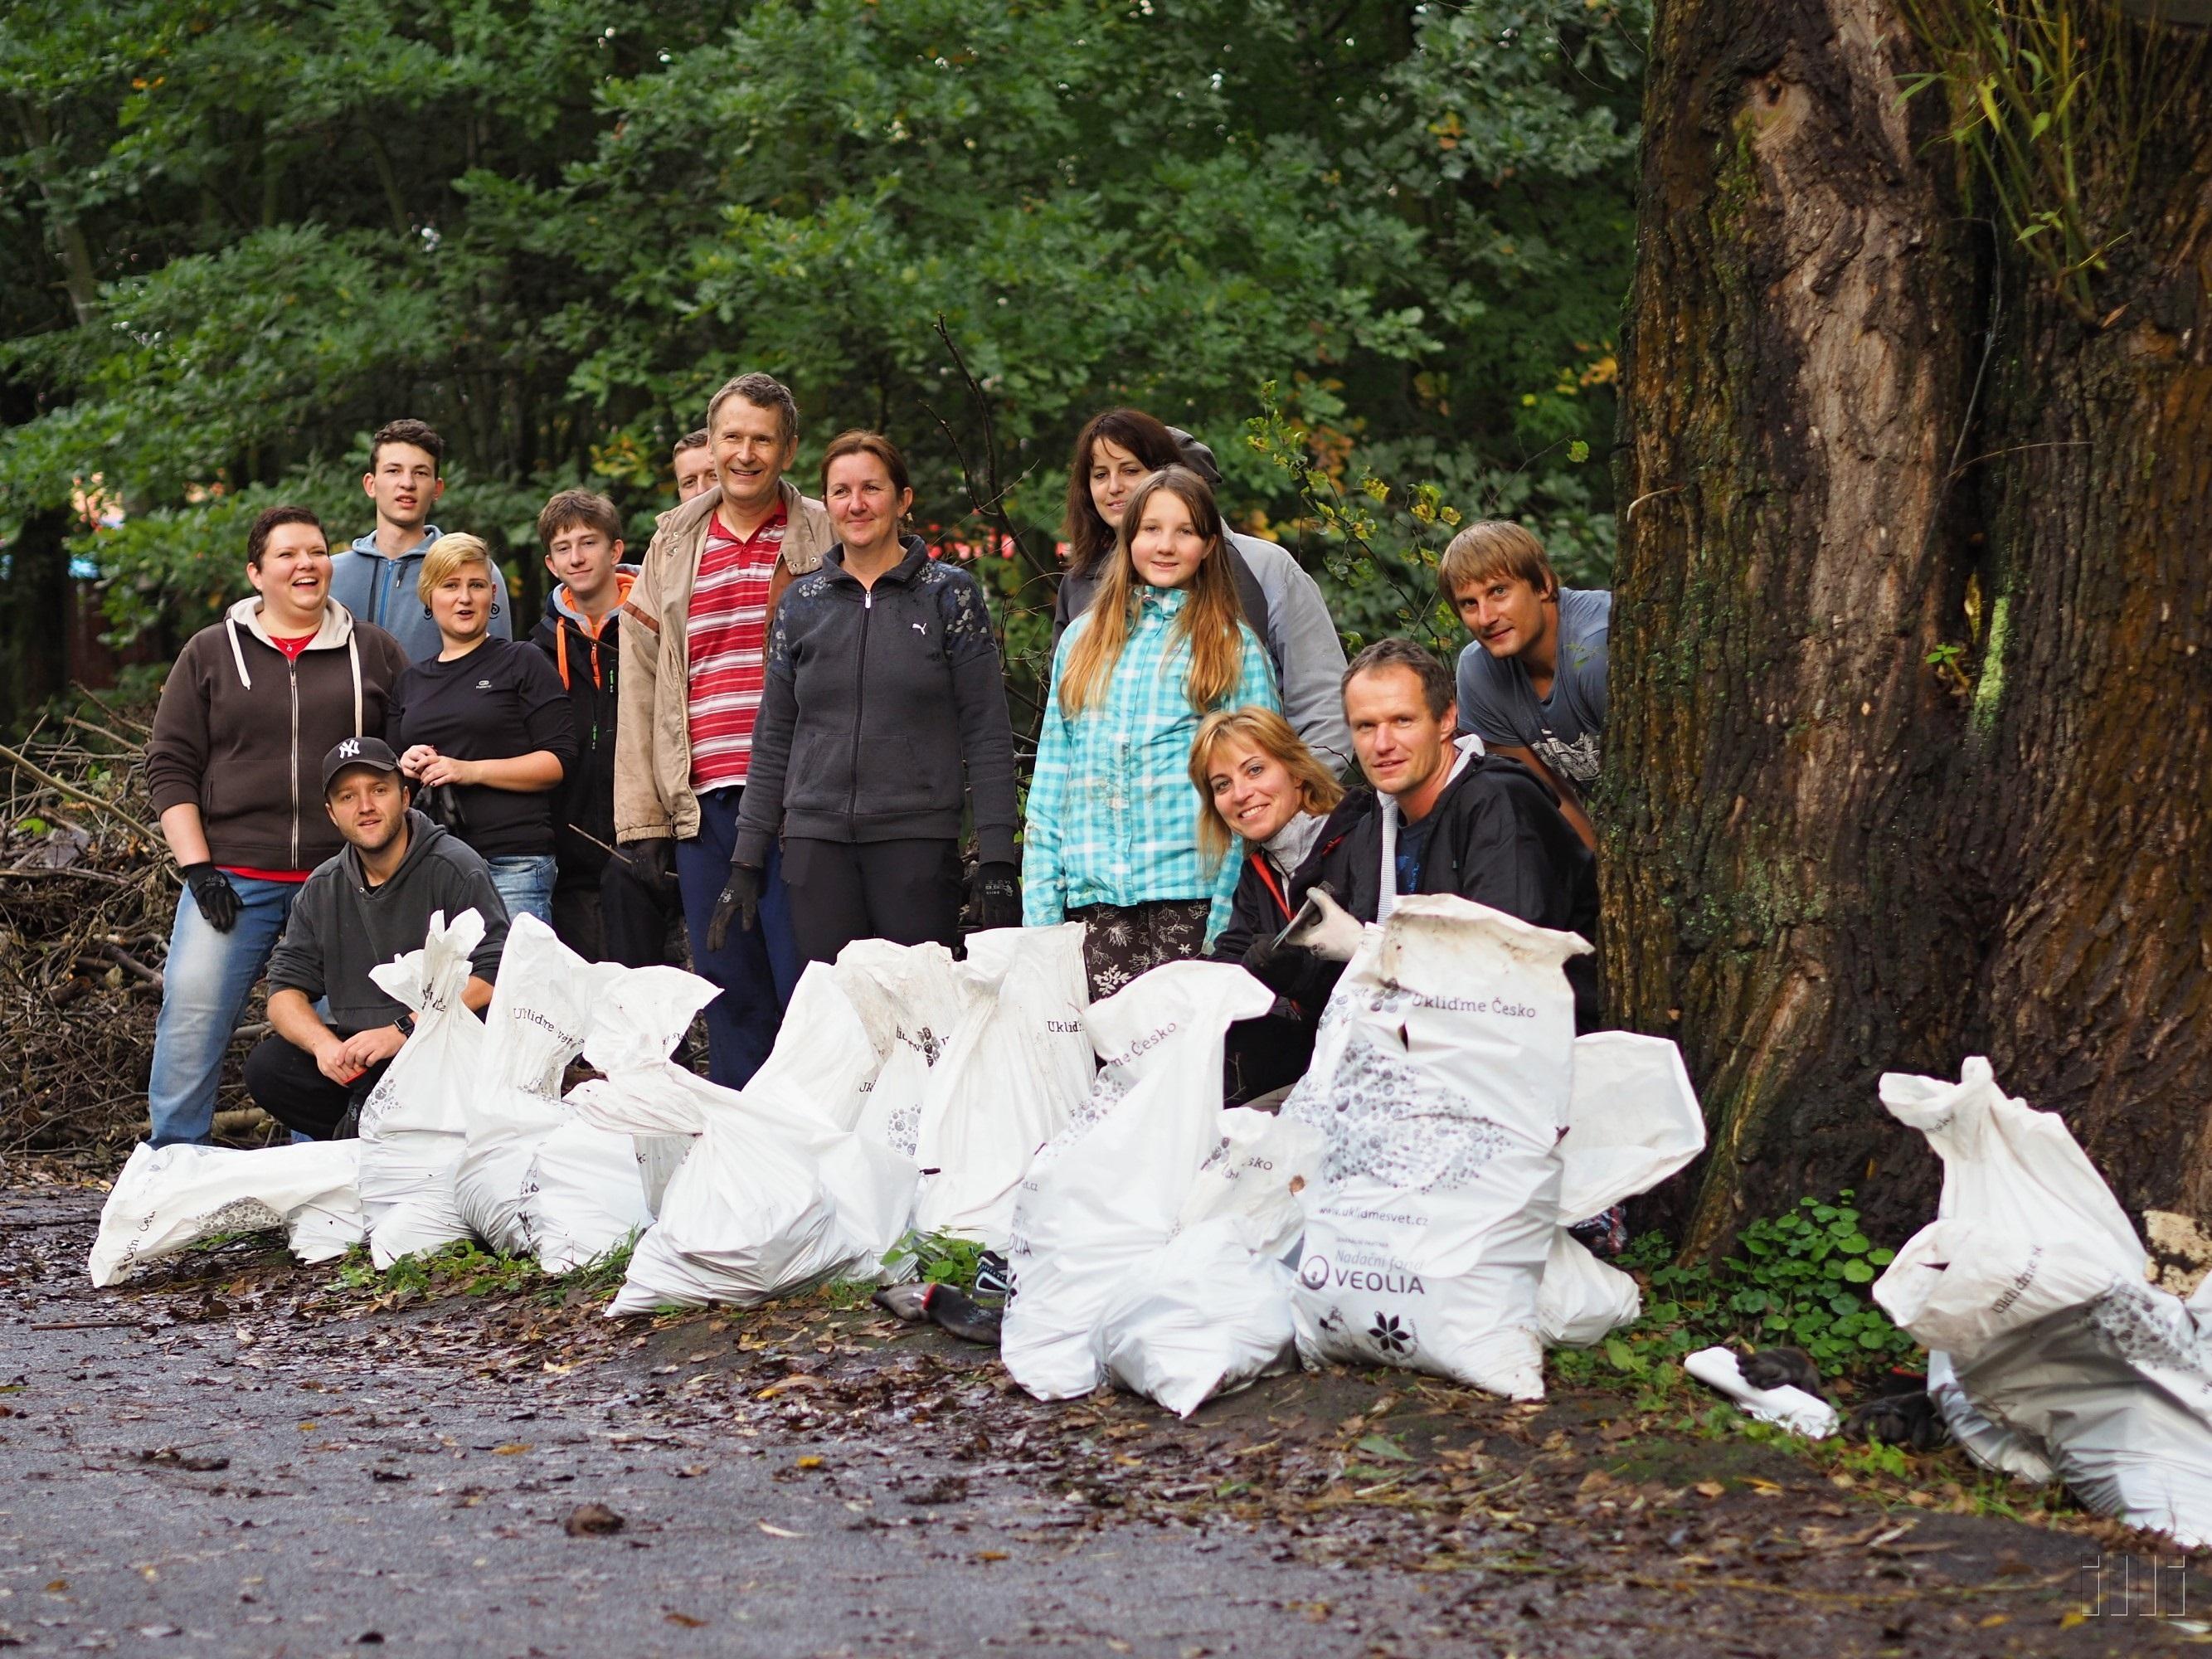 Takto uklízeli vloni dobrovolníci v Ostravě...